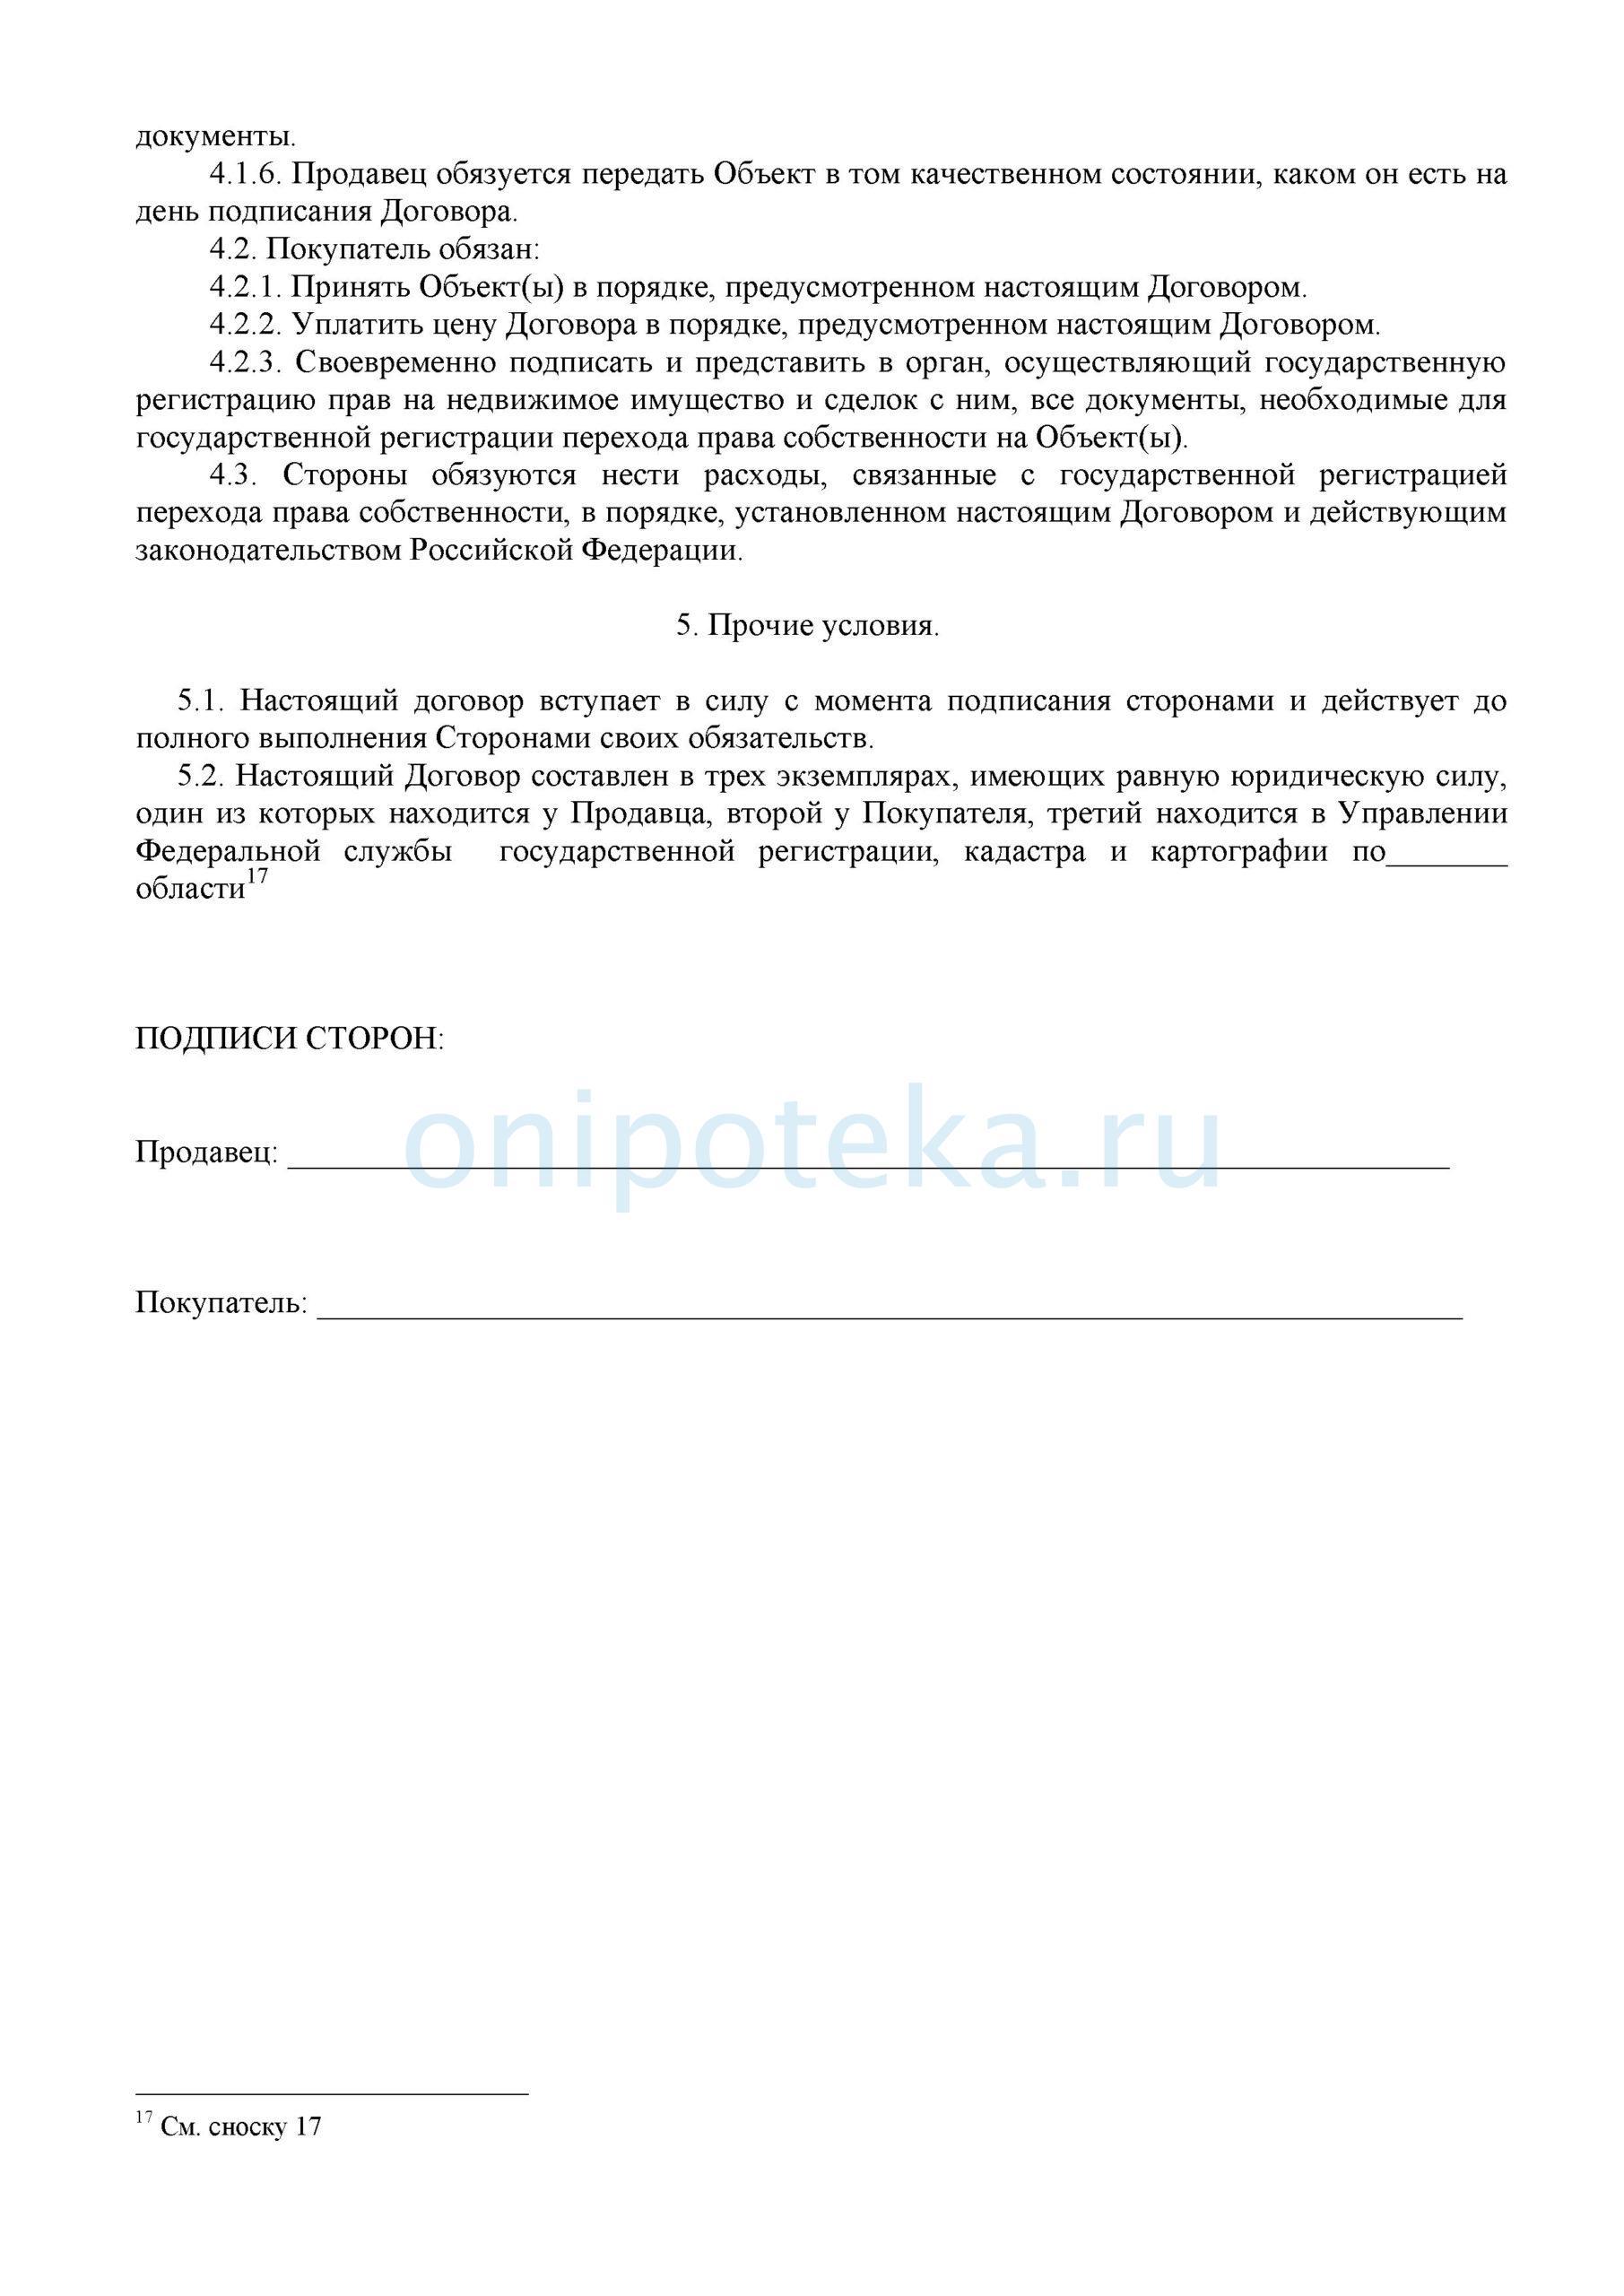 Проект договора купли-продажи дачи в ипотеку Сбербанка -3